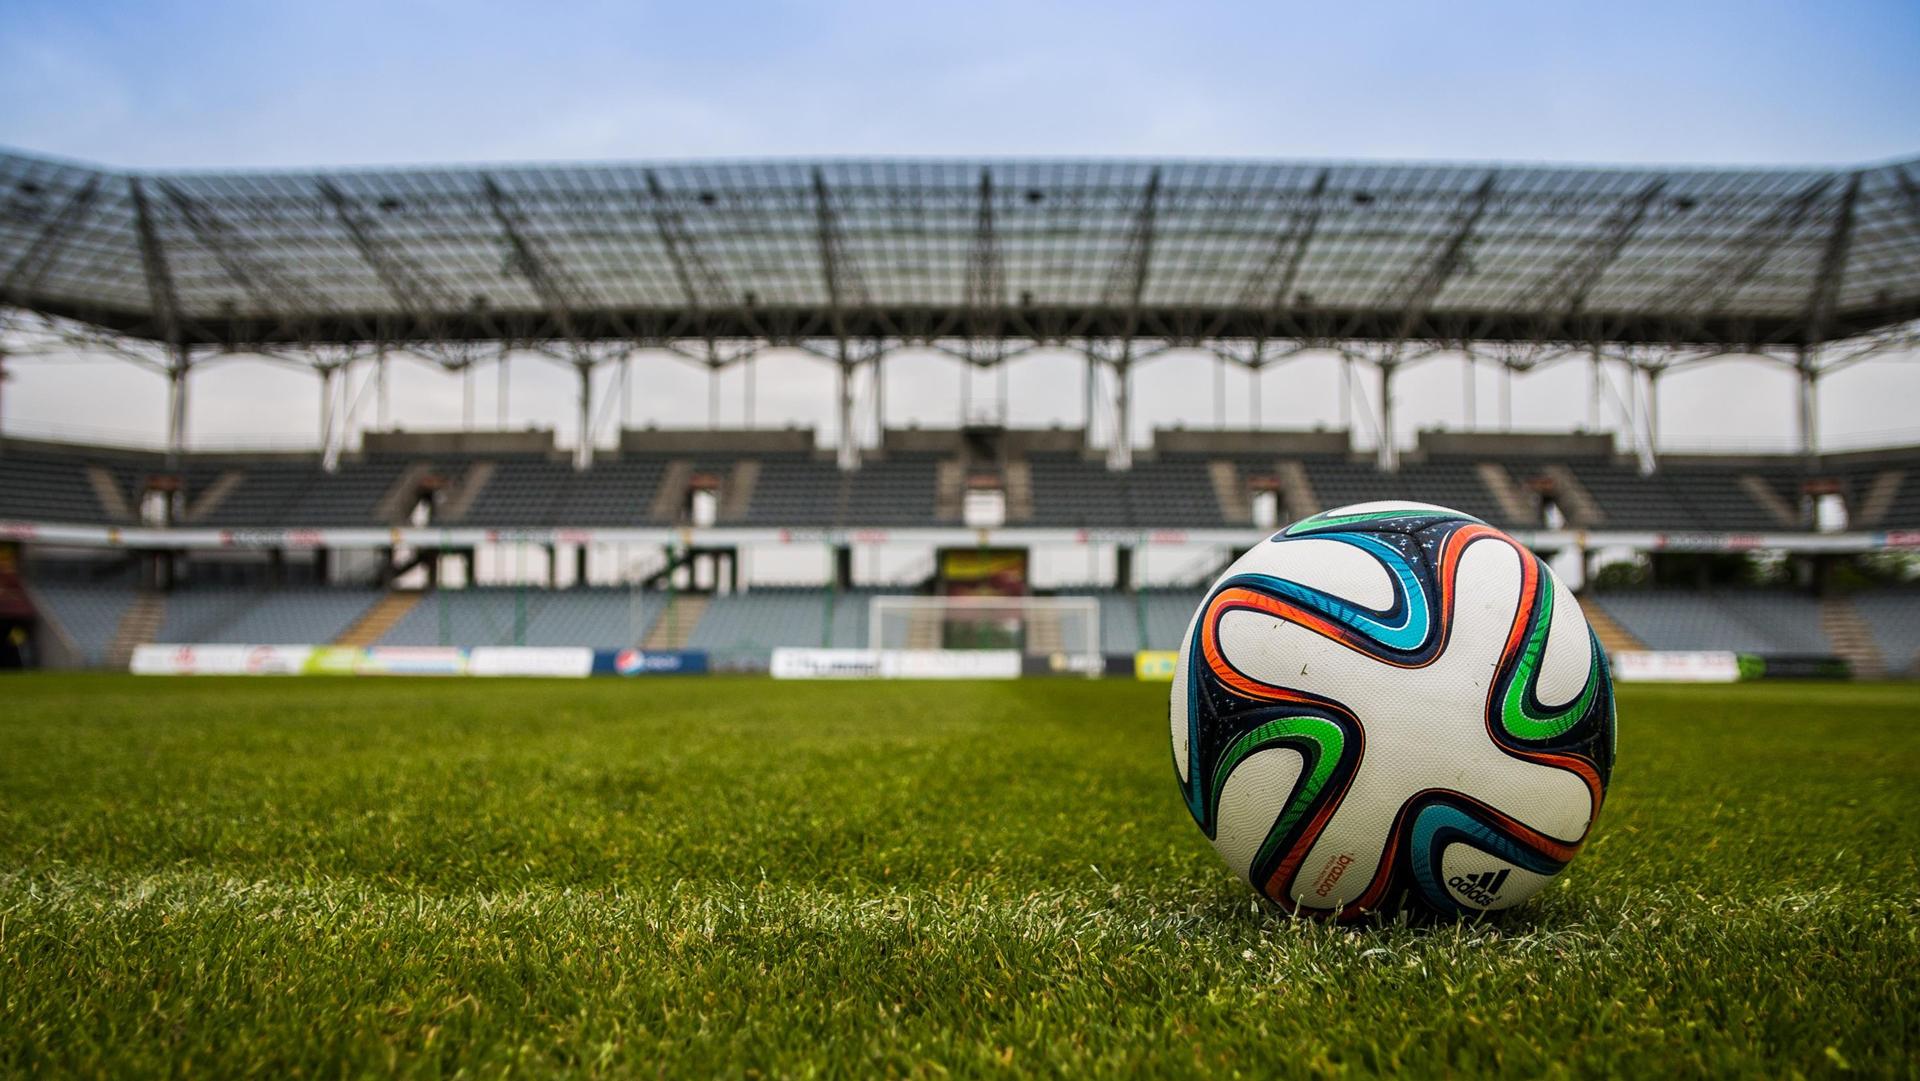 Calcio e COVID-19. Come si spiega il caso del Genoa? Intervista all'infettivologa Monforte